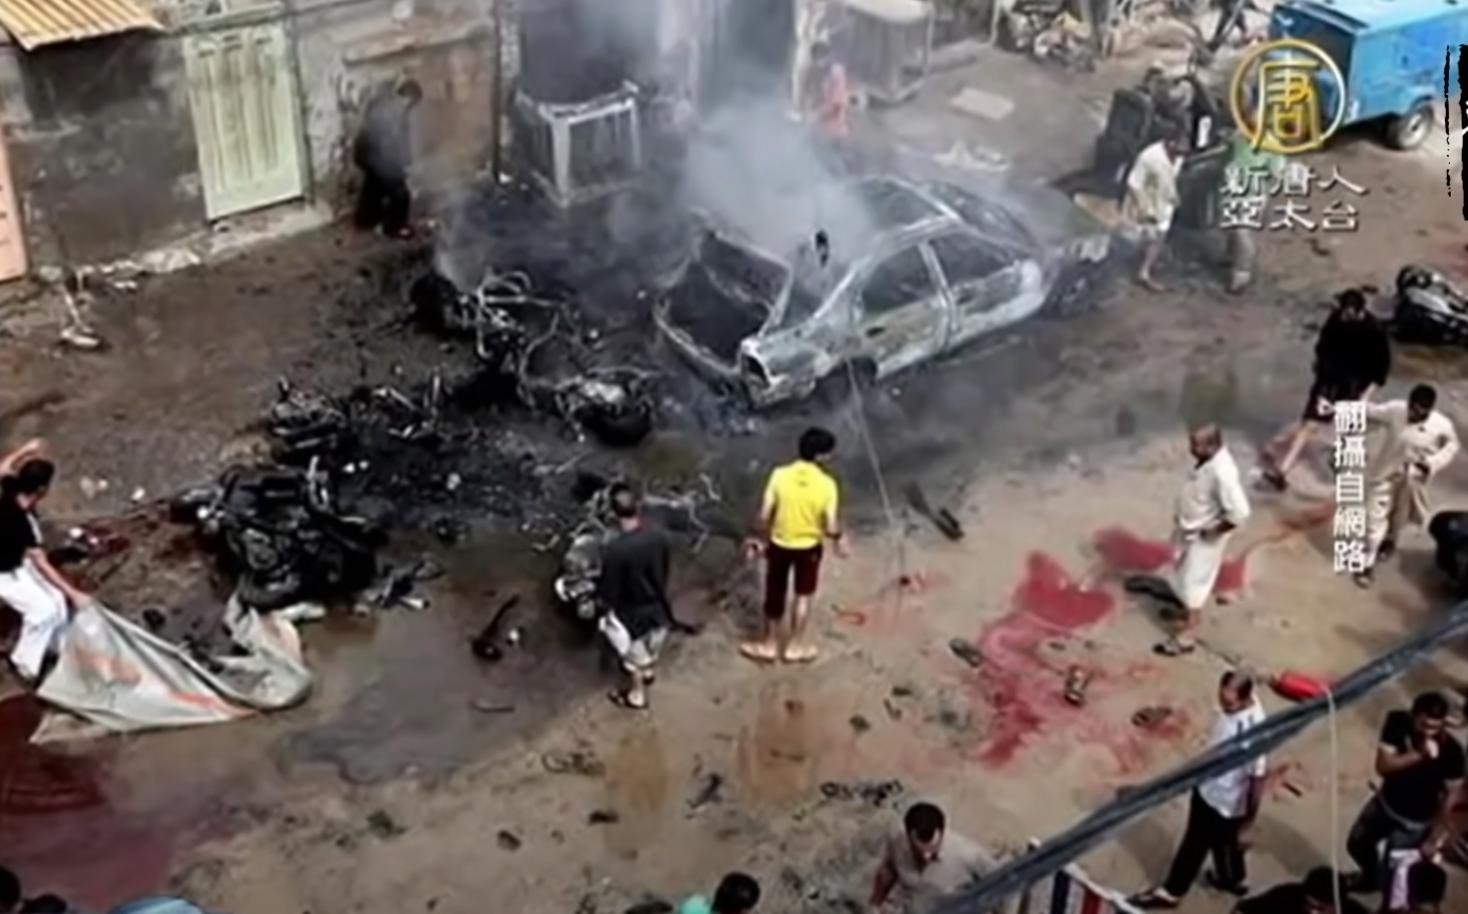 Chu Vĩnh Khang sử dụng lực lượng trang bị vũ trang, xe thiết giáp giết hại người dân (Ảnh chụp màn hình video)